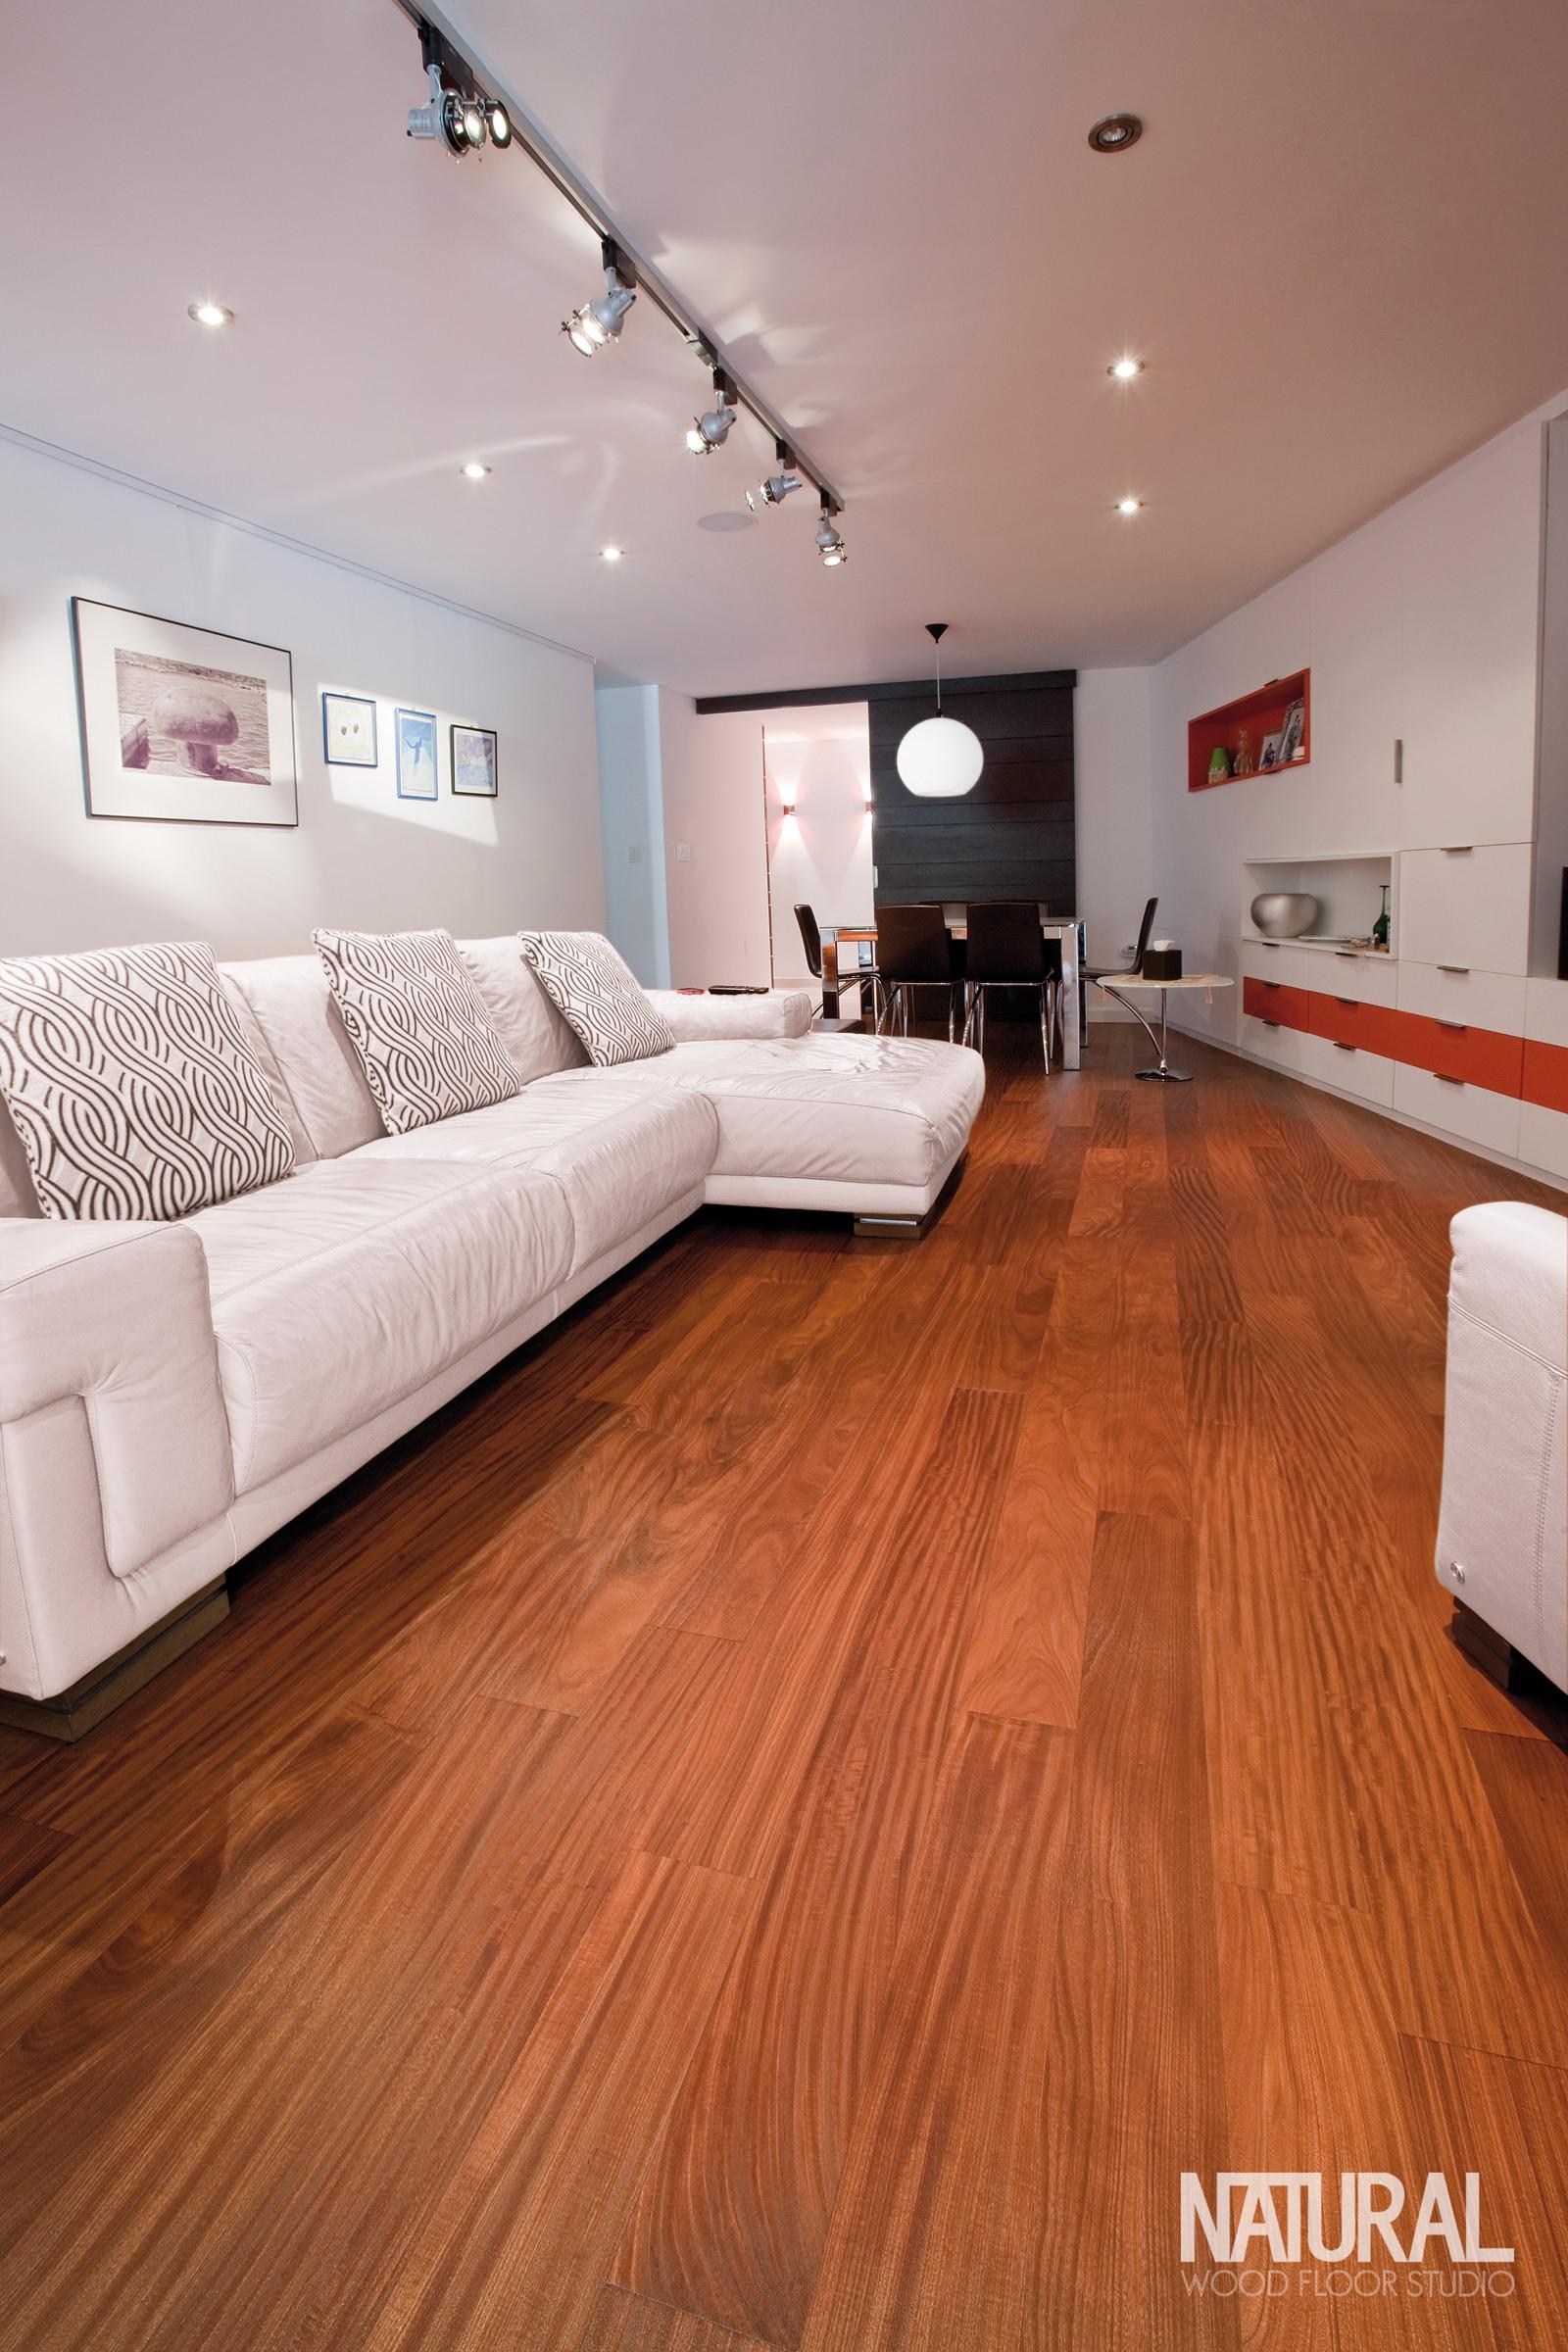 hardwood floor refinishing waterville me of natural wood floor studio the fine art of wood floors regarding design